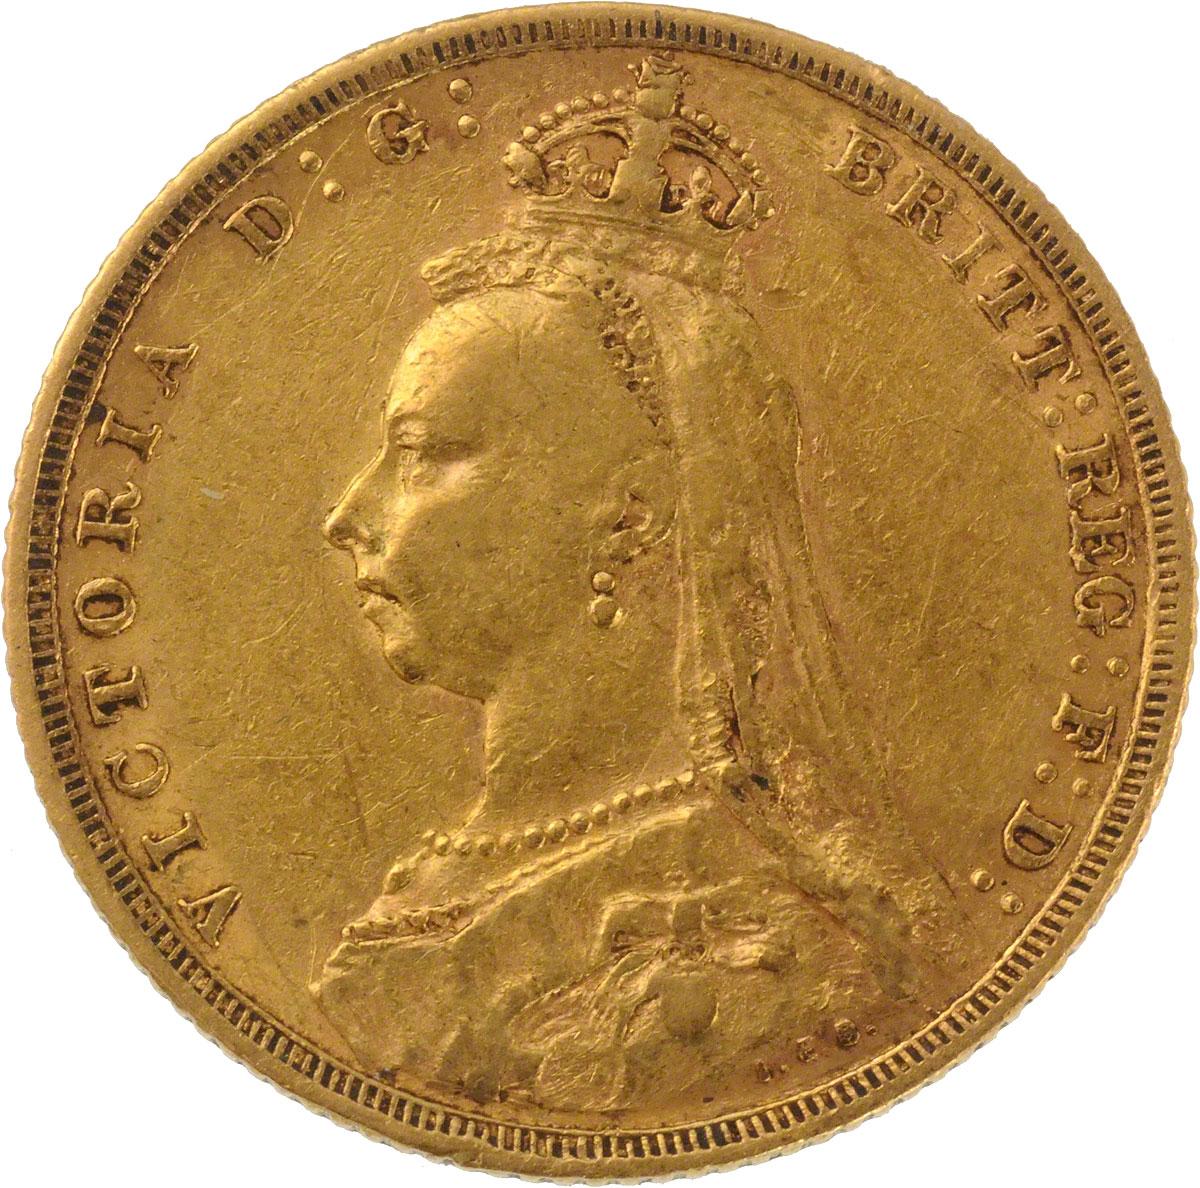 1889 Βικτώρια (Νομισματοκοπείο Μελβούρνης)